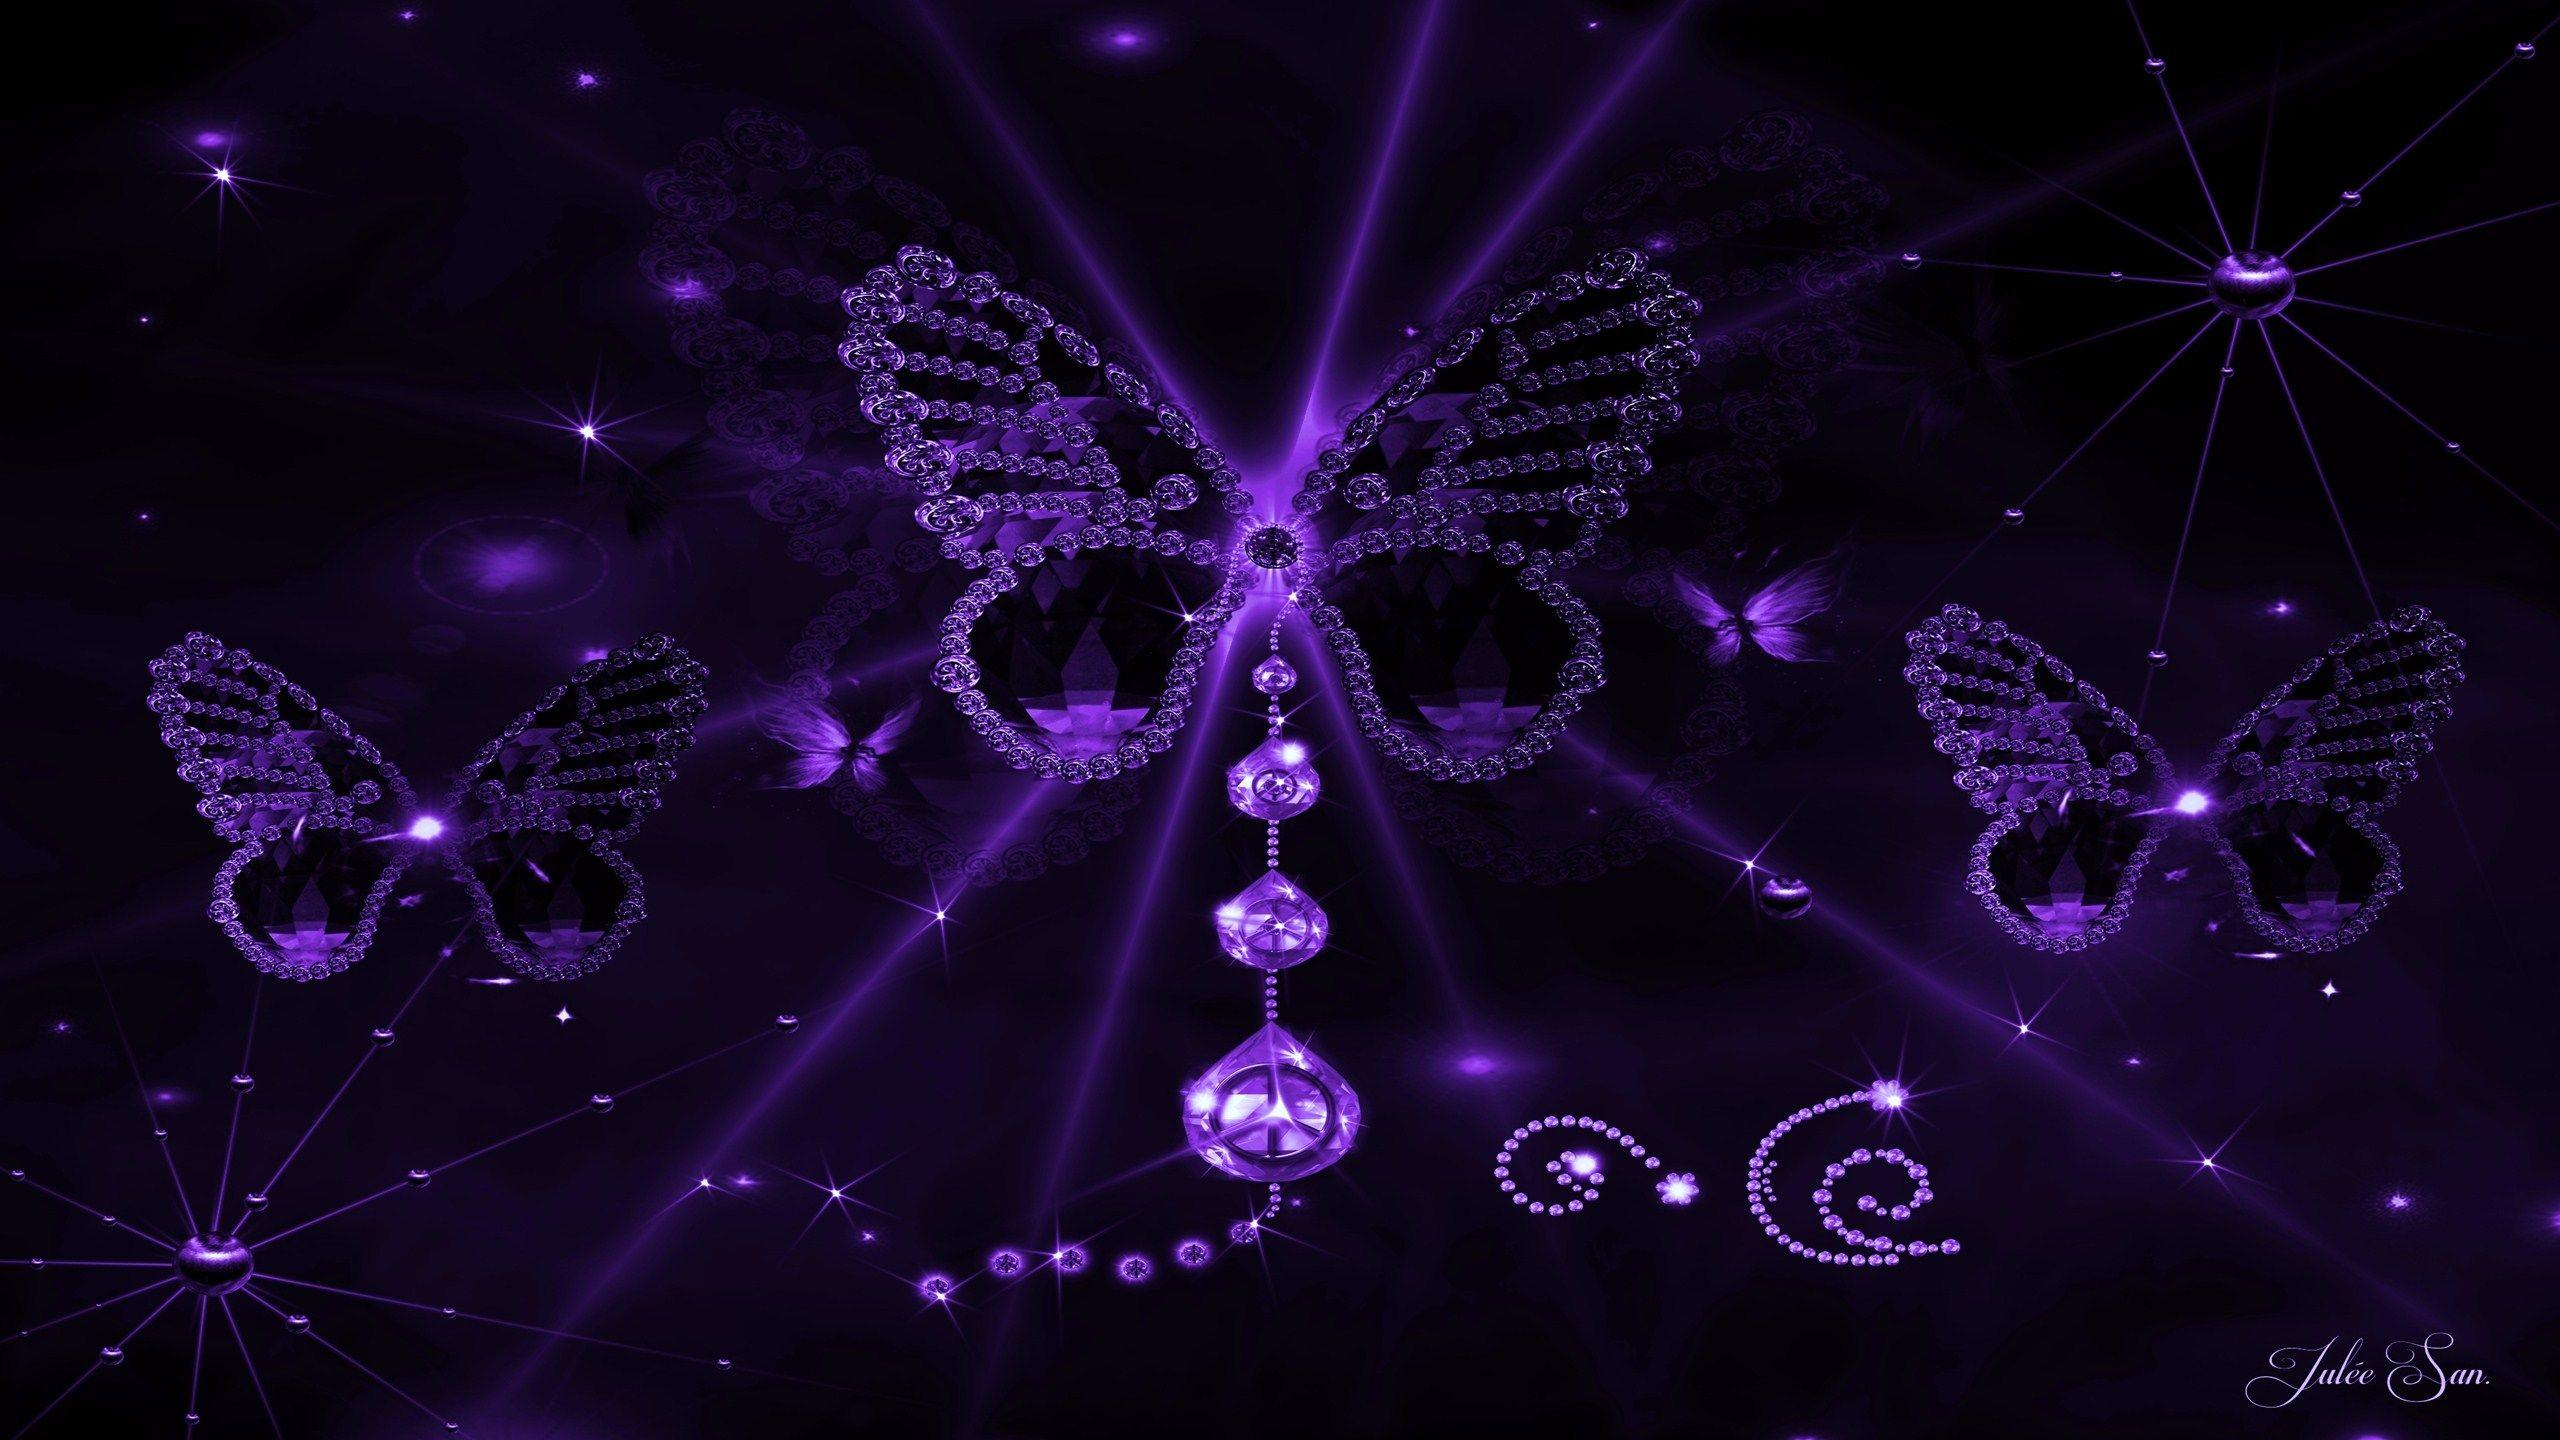 Purple Love Wallpaper: Pin By Lola Ortiz On My Love For Butterflies